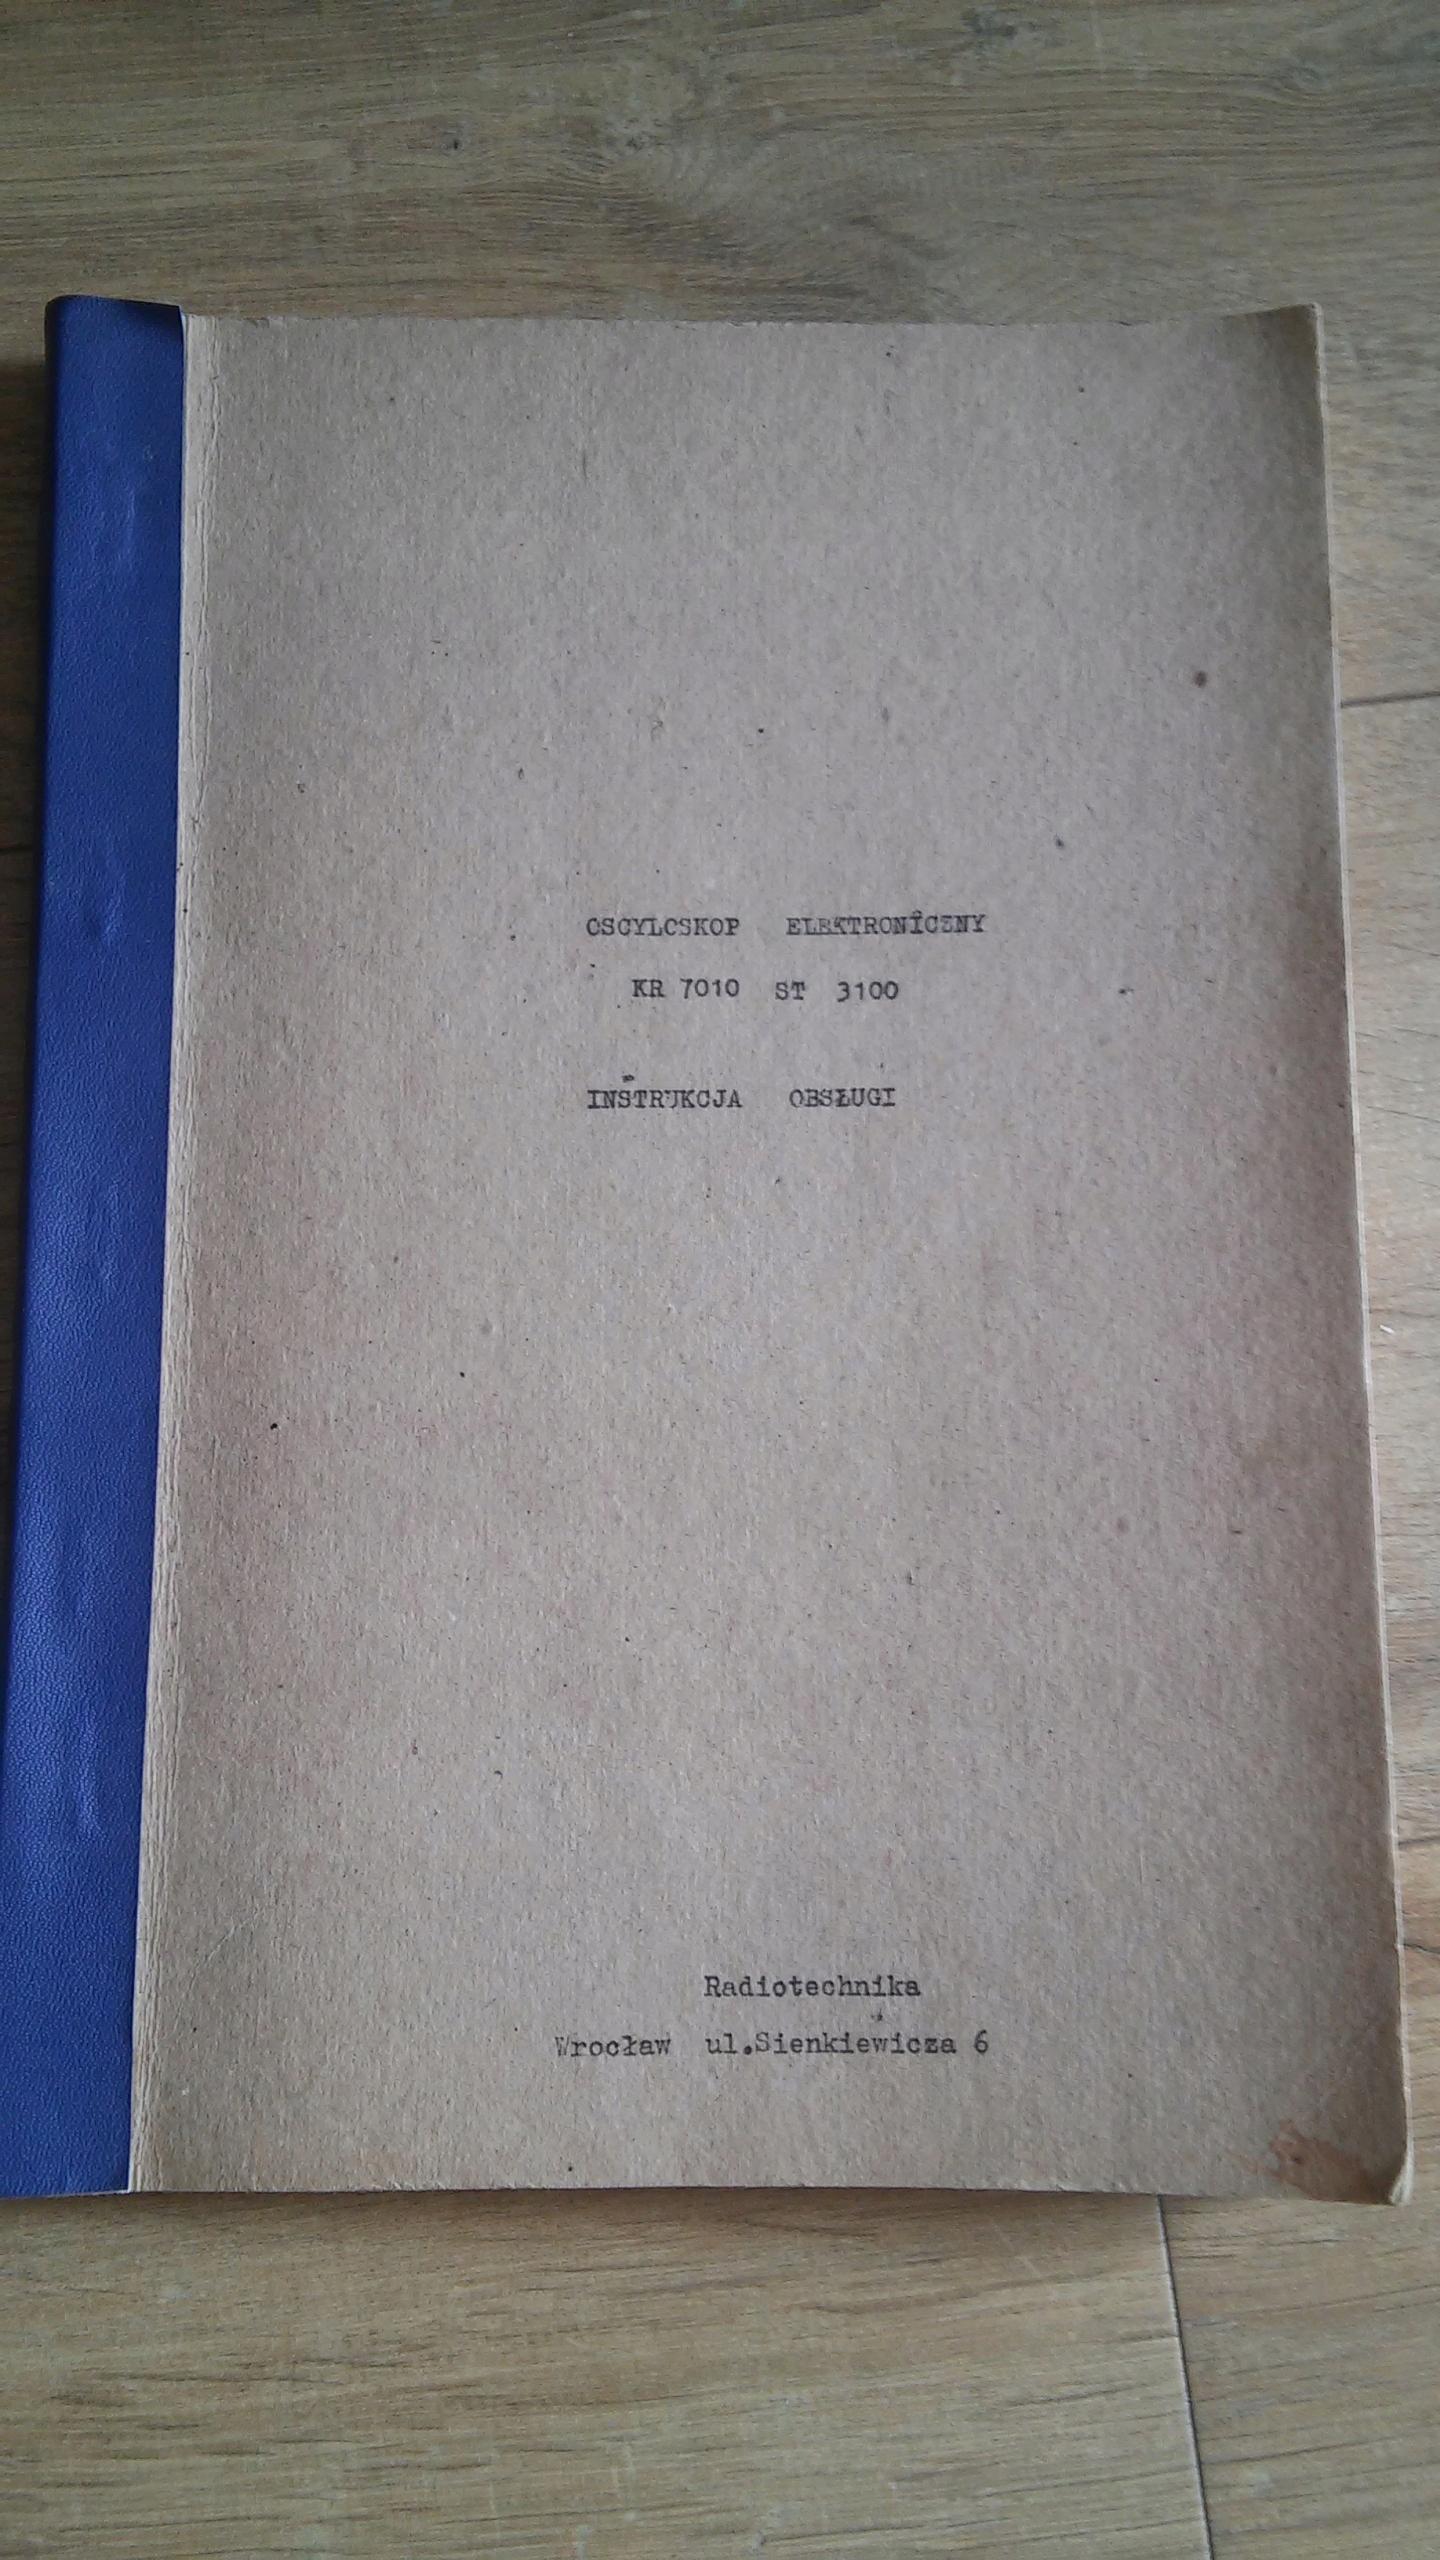 Instrukcja Oscyloskop elektroniczny KR7010 ST3100